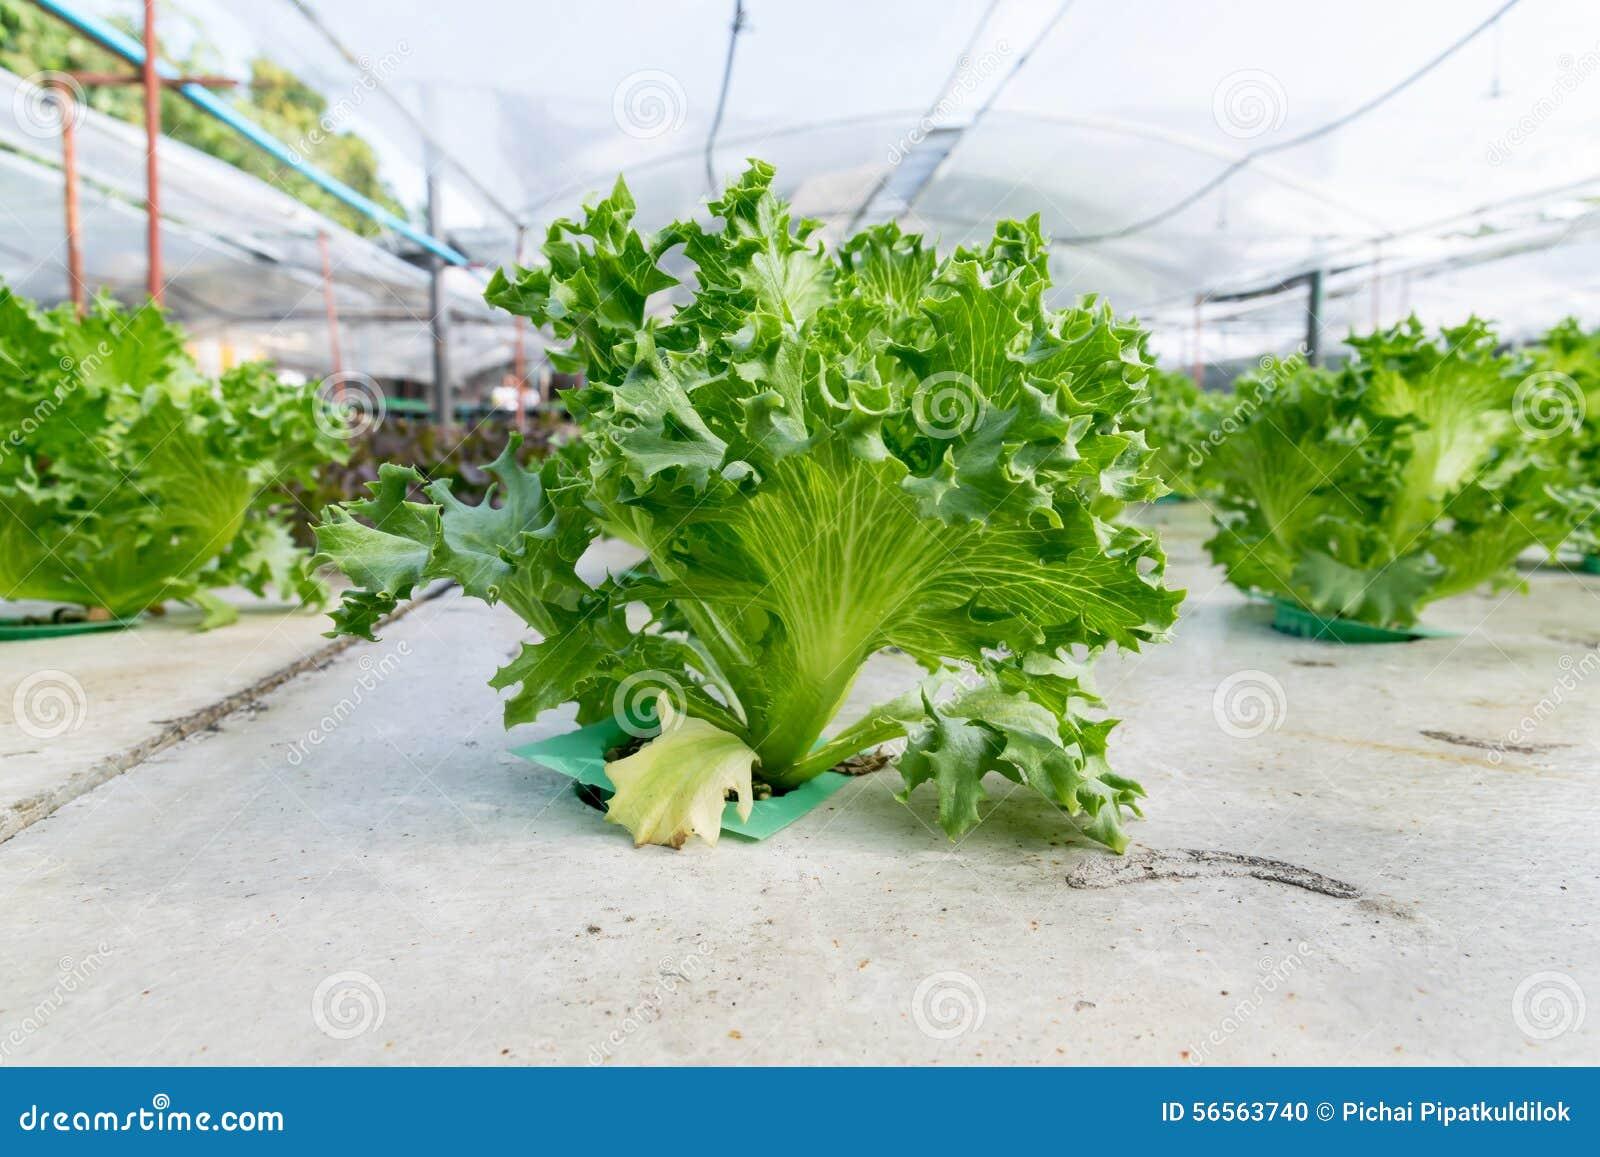 Download Hydroponics καλλιέργειας πράσινο λαχανικό στο αγρόκτημα Στοκ Εικόνες - εικόνα από καλλιεργήστε, hydroponics: 56563740